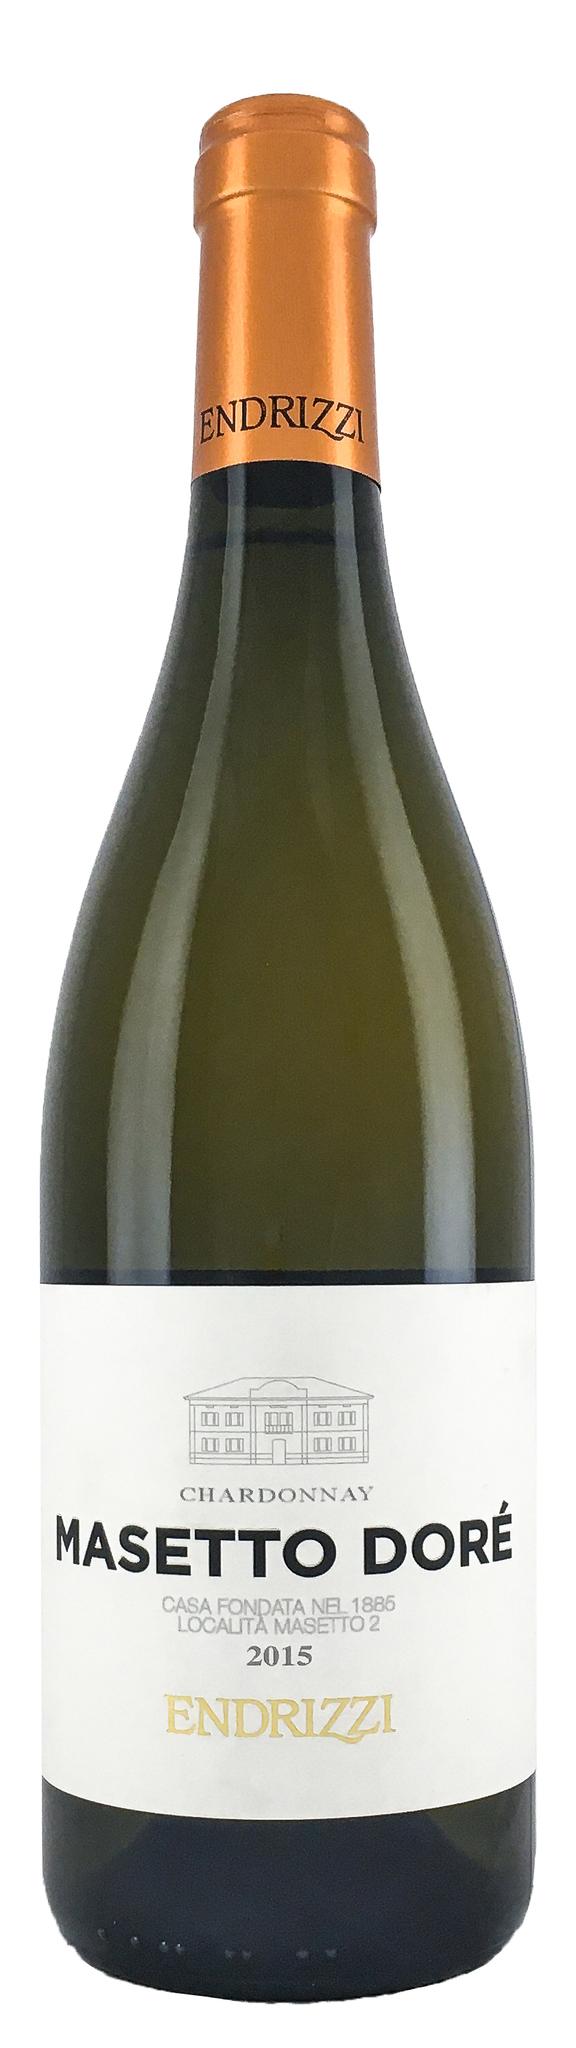 Вино Мазетто Доре виноград. белых доломит.альп сухое белое з.г.у.рег.Трентино Италия кат.IGP 0,75л.